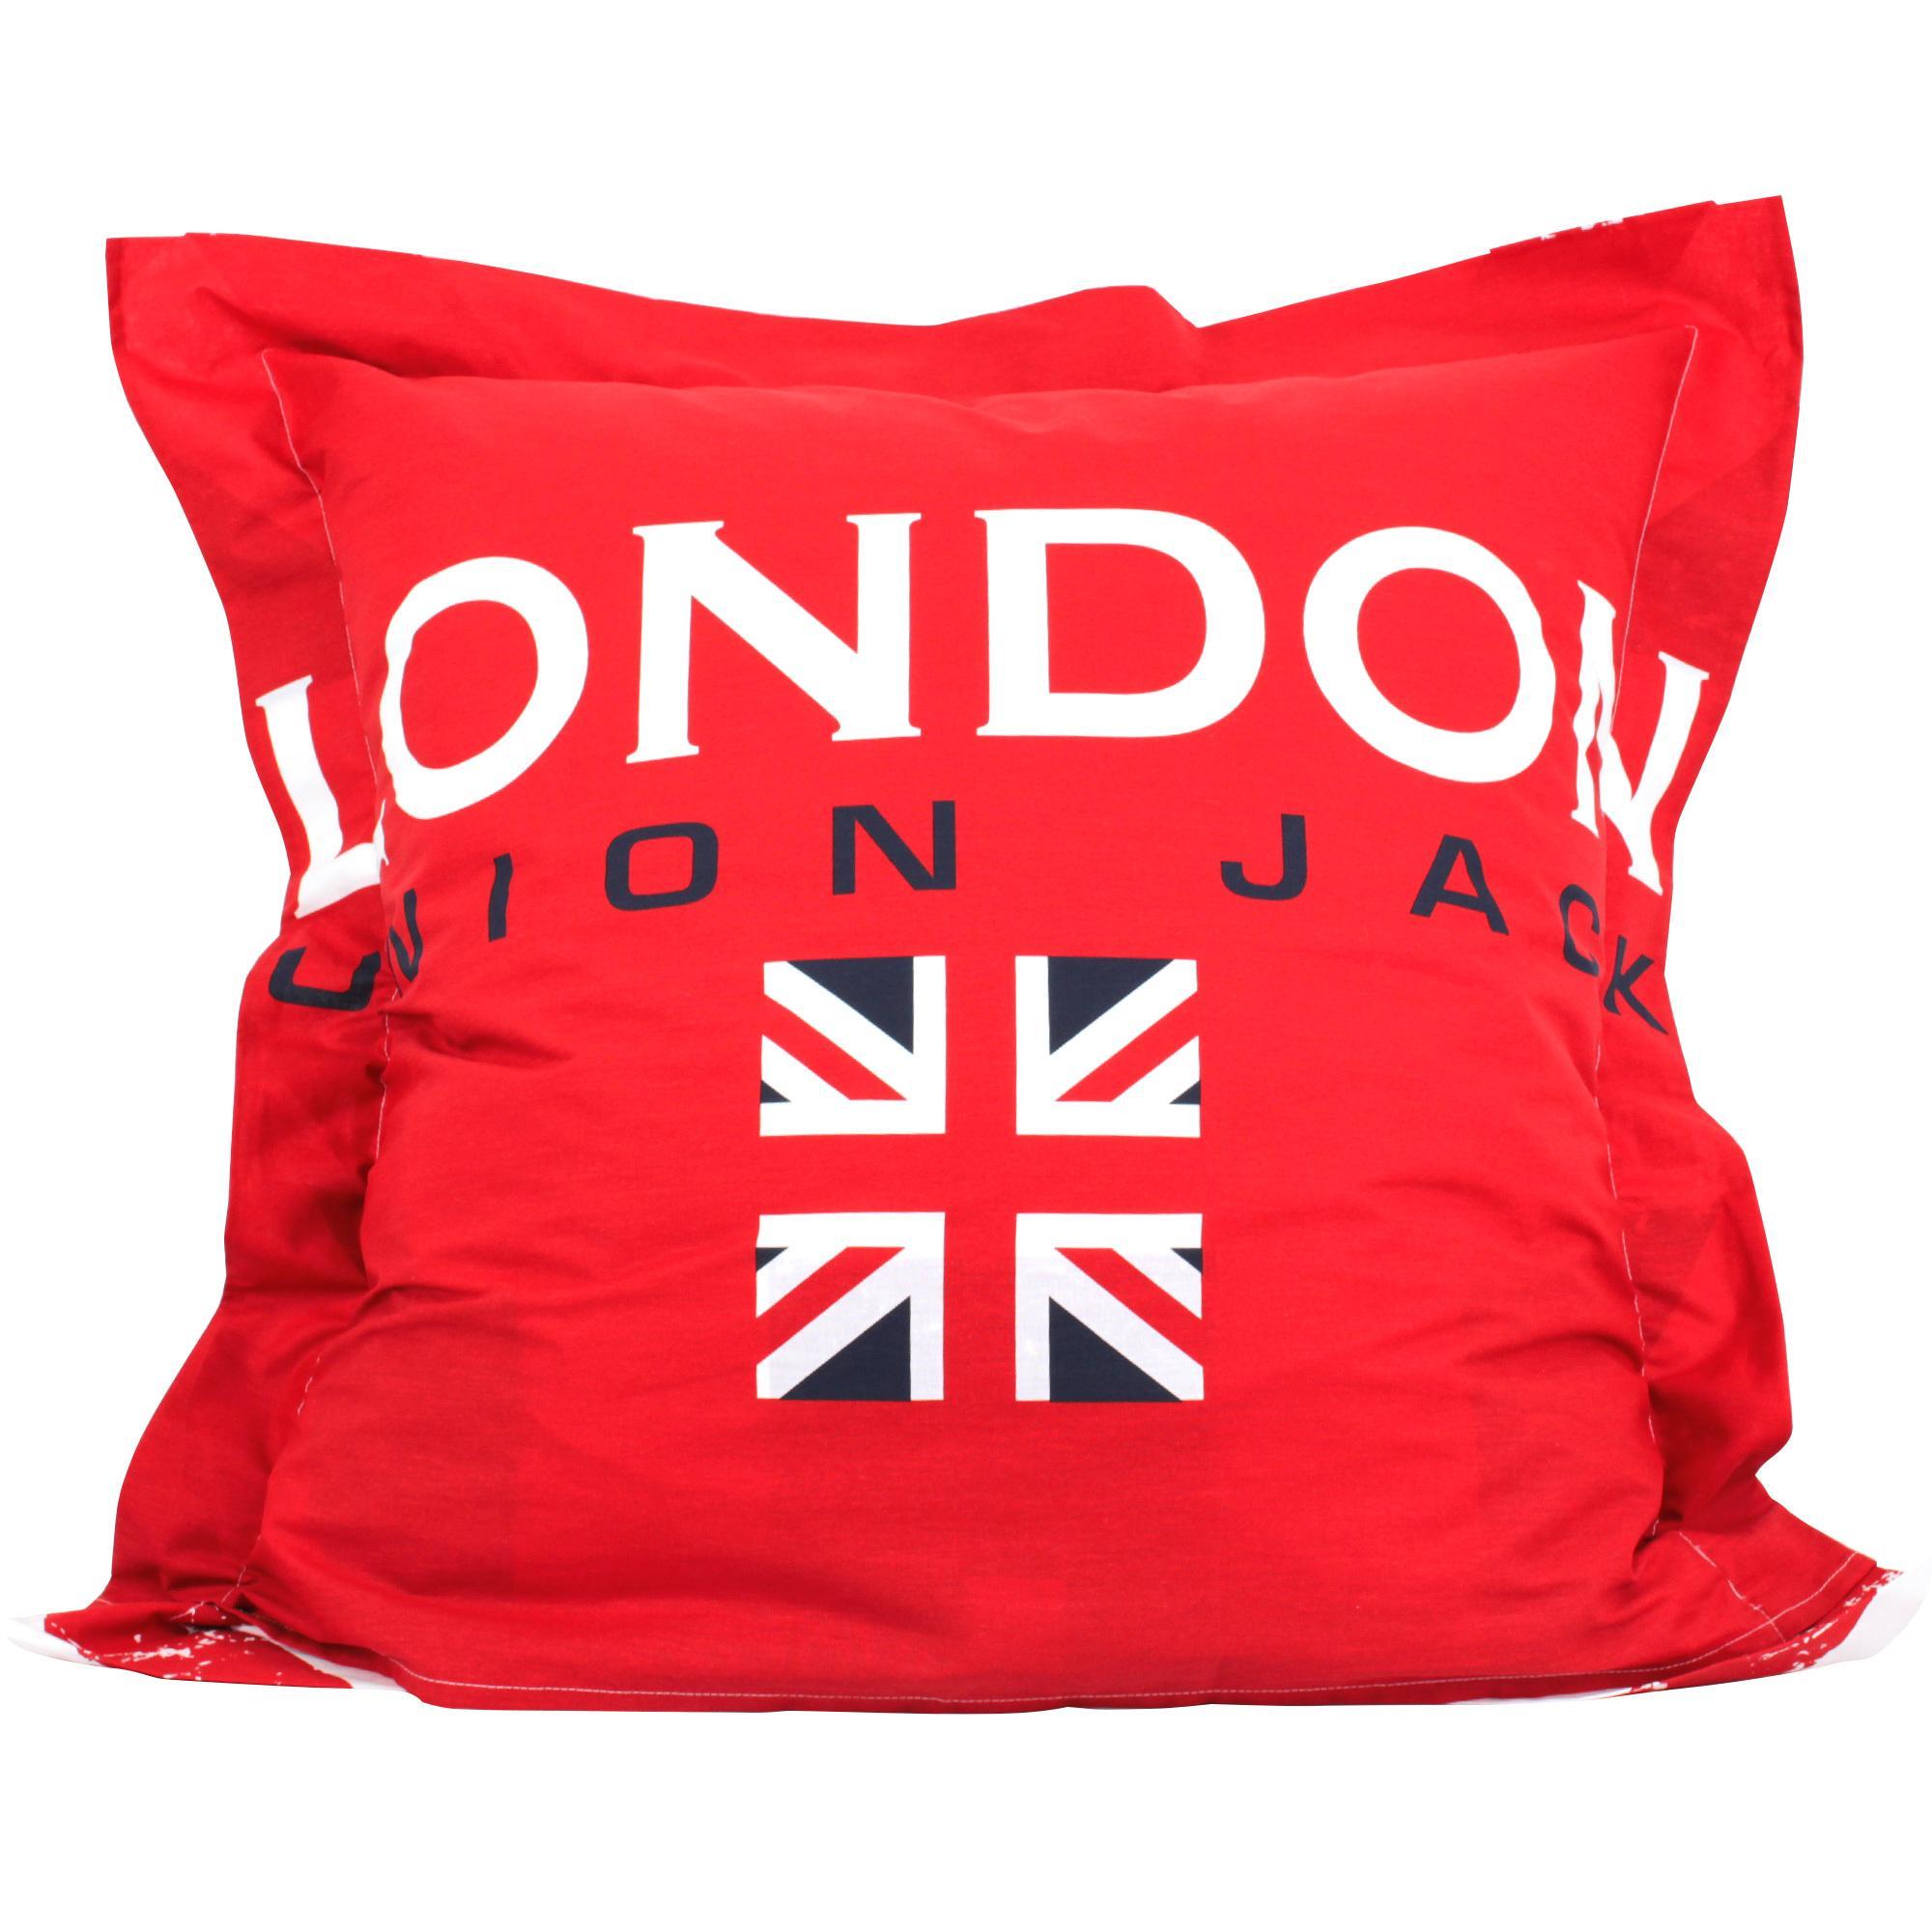 parure de lit 260x240 cm london union jack linnea vente. Black Bedroom Furniture Sets. Home Design Ideas